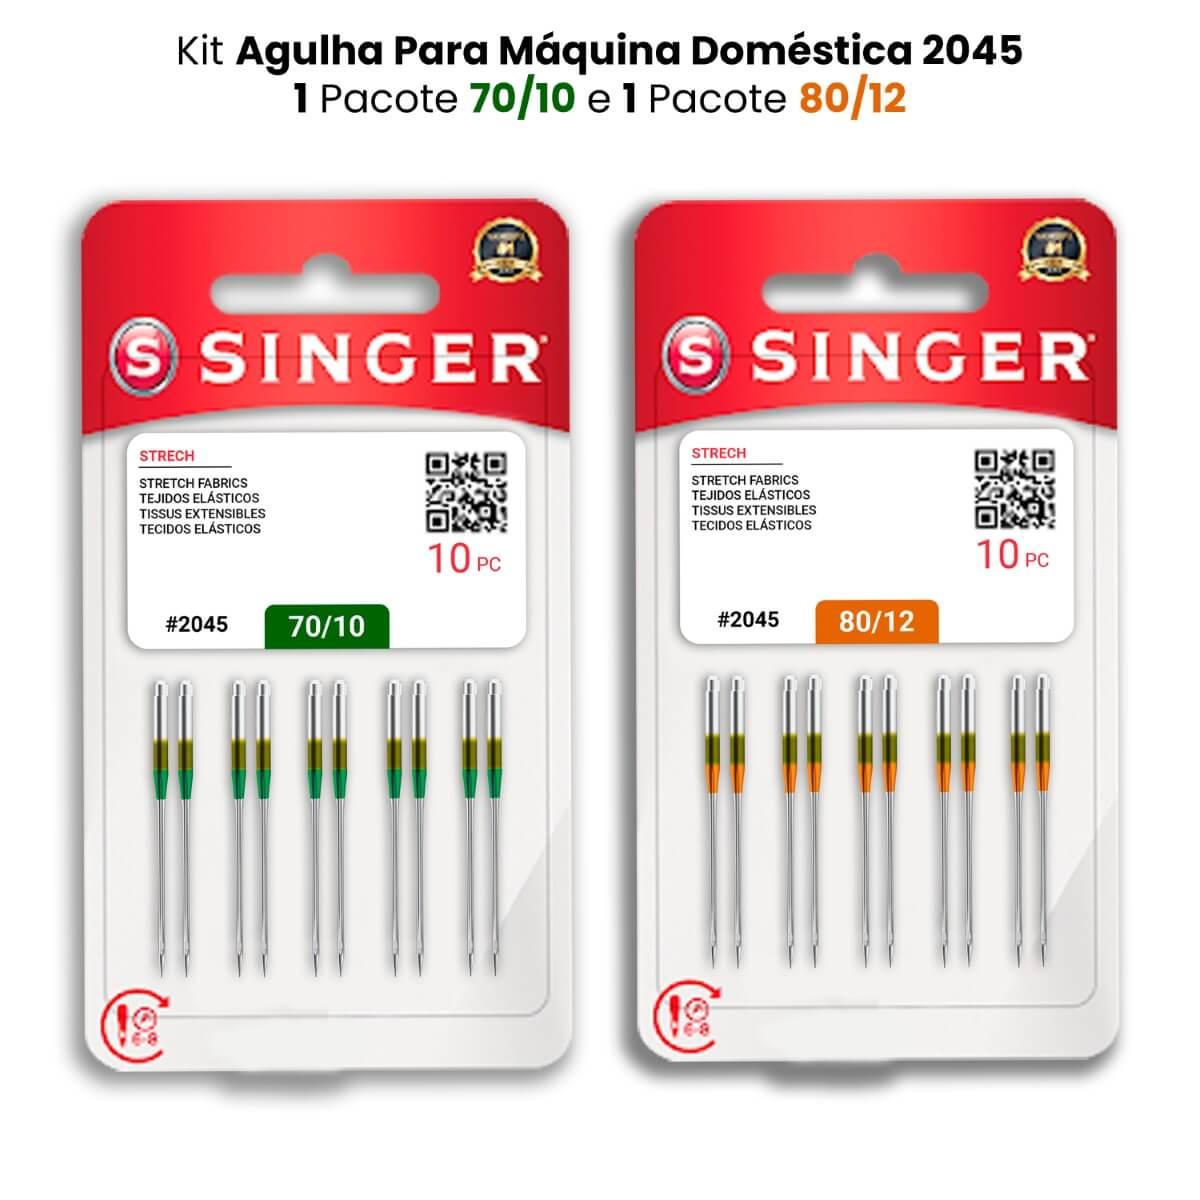 Agulha Singer Para Máquina de Costura Domestica 2045 130/705 Kit com 70/10 e 80/12  - Pavvia Agulhas e Peças